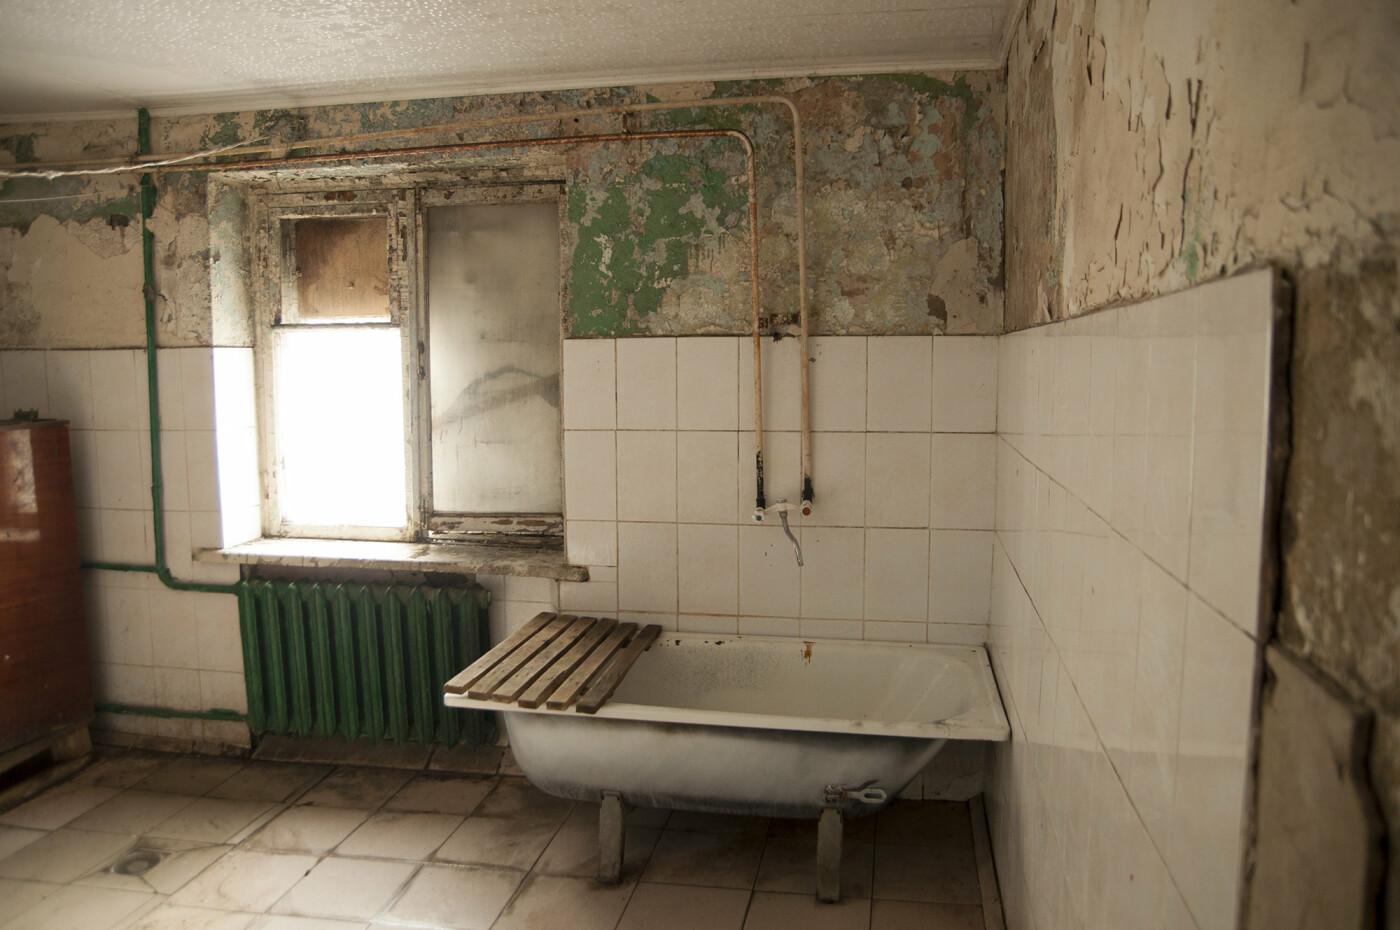 «Все, кто мог, отсюда съехали». Жильцы пятиэтажки в центре Белгорода пожаловались на ужасные условия проживания, фото-6